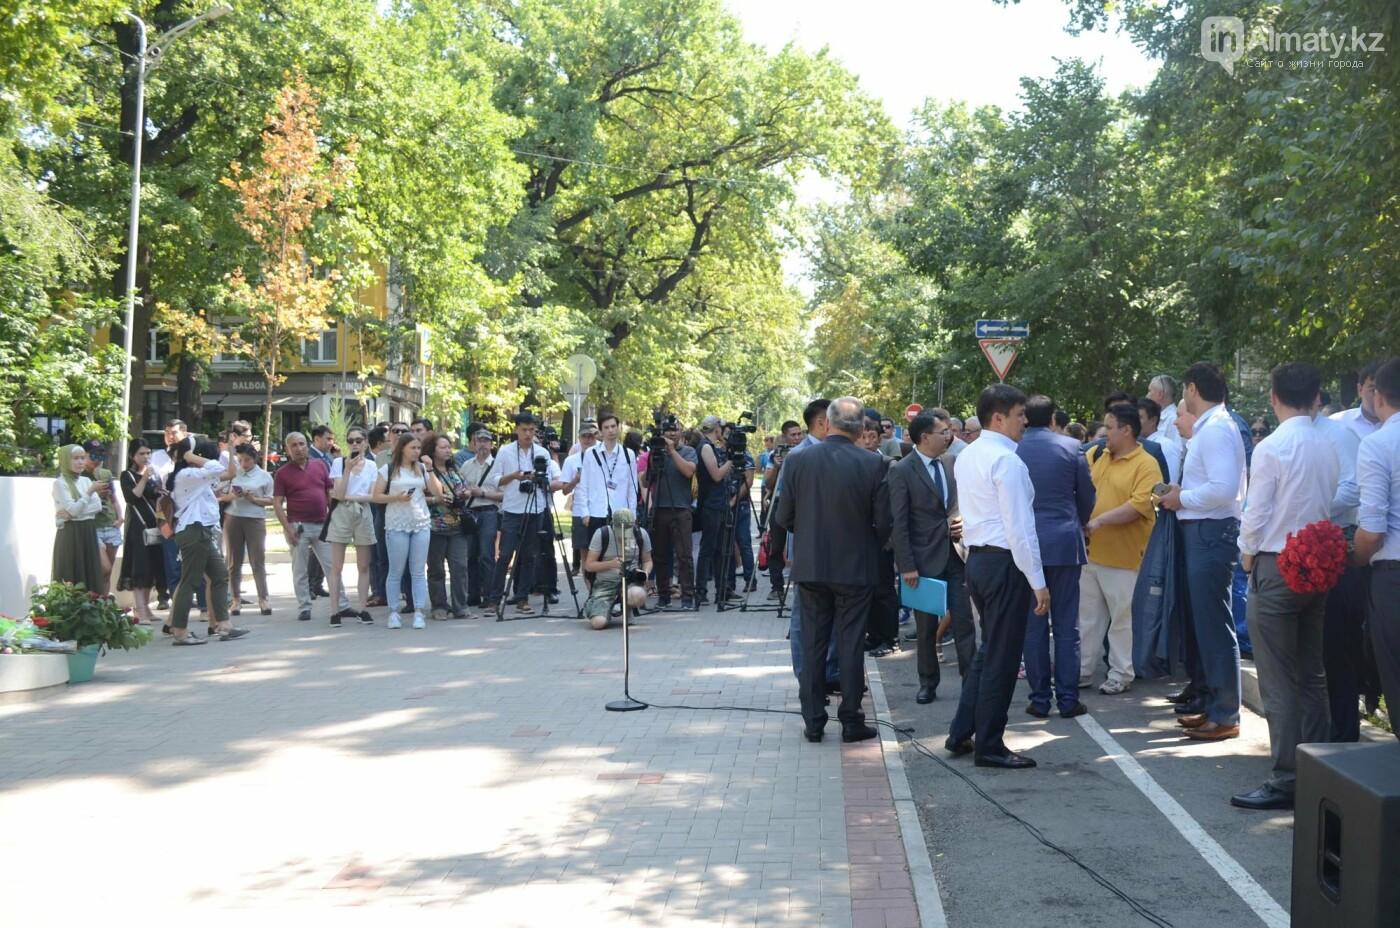 Родственники Дениса Тена и звезды фигурного катания почтили память фигуриста в Алматы, фото-10